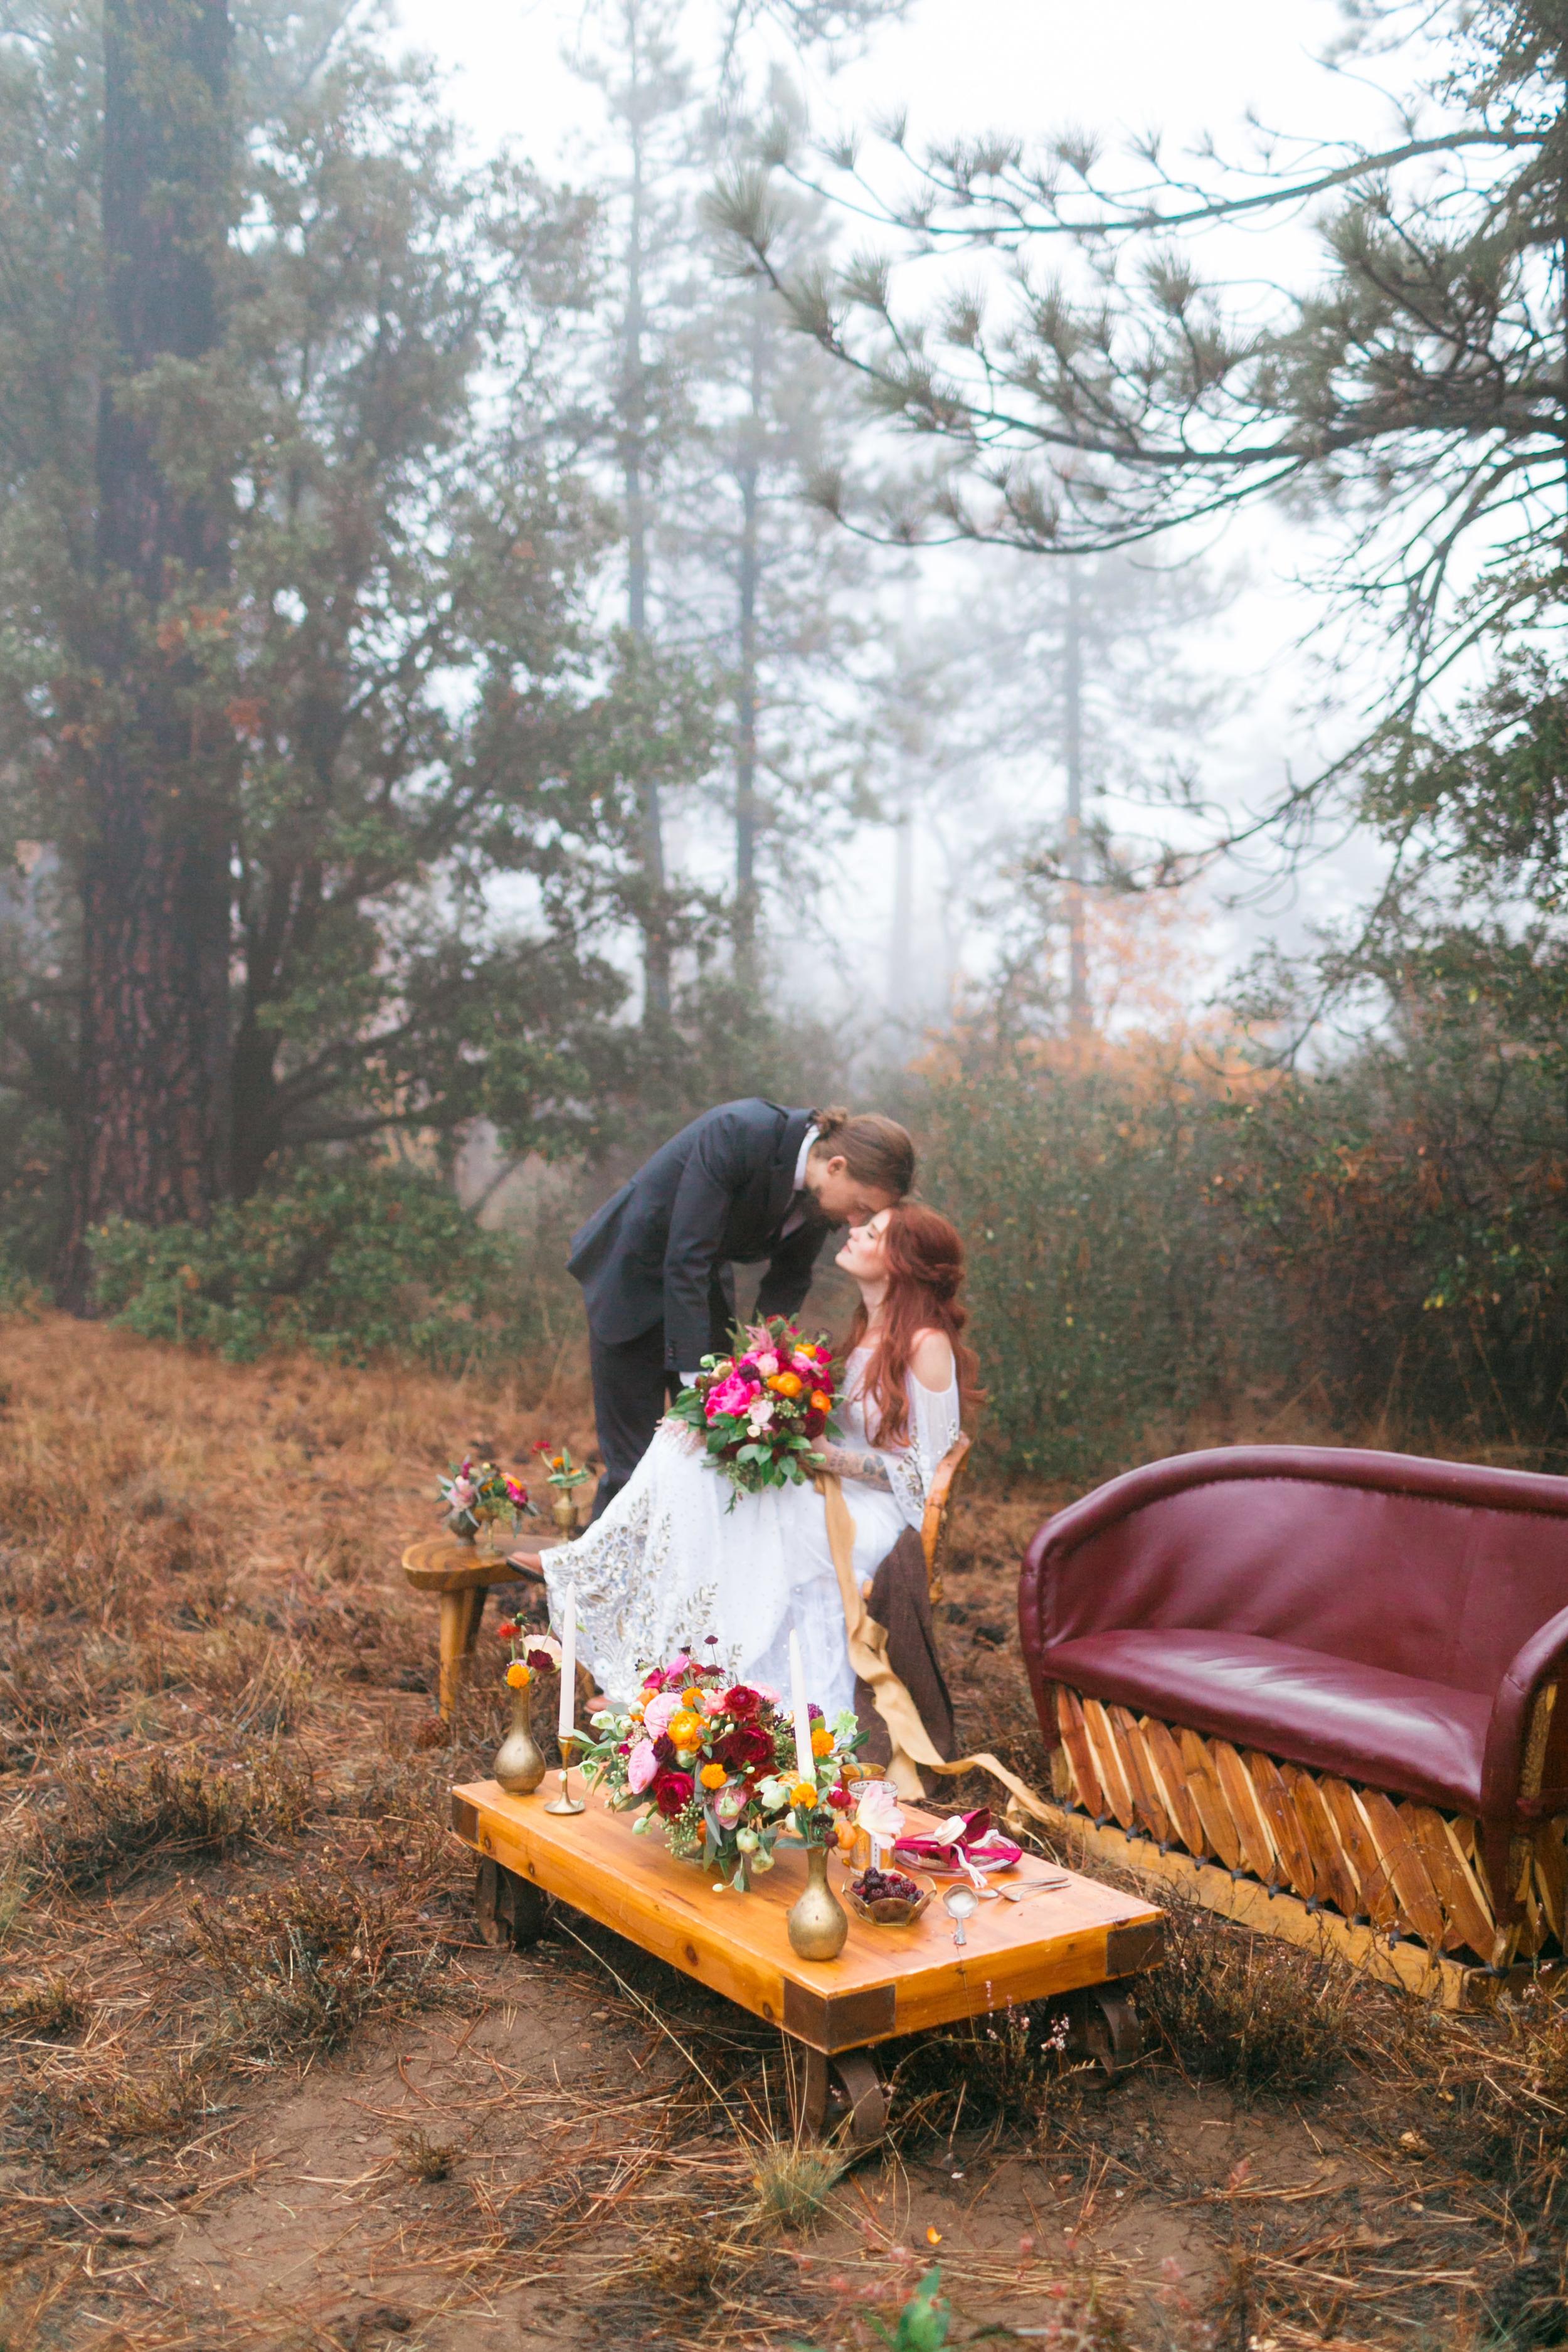 Natalie Schutt Photography woods-8.jpg